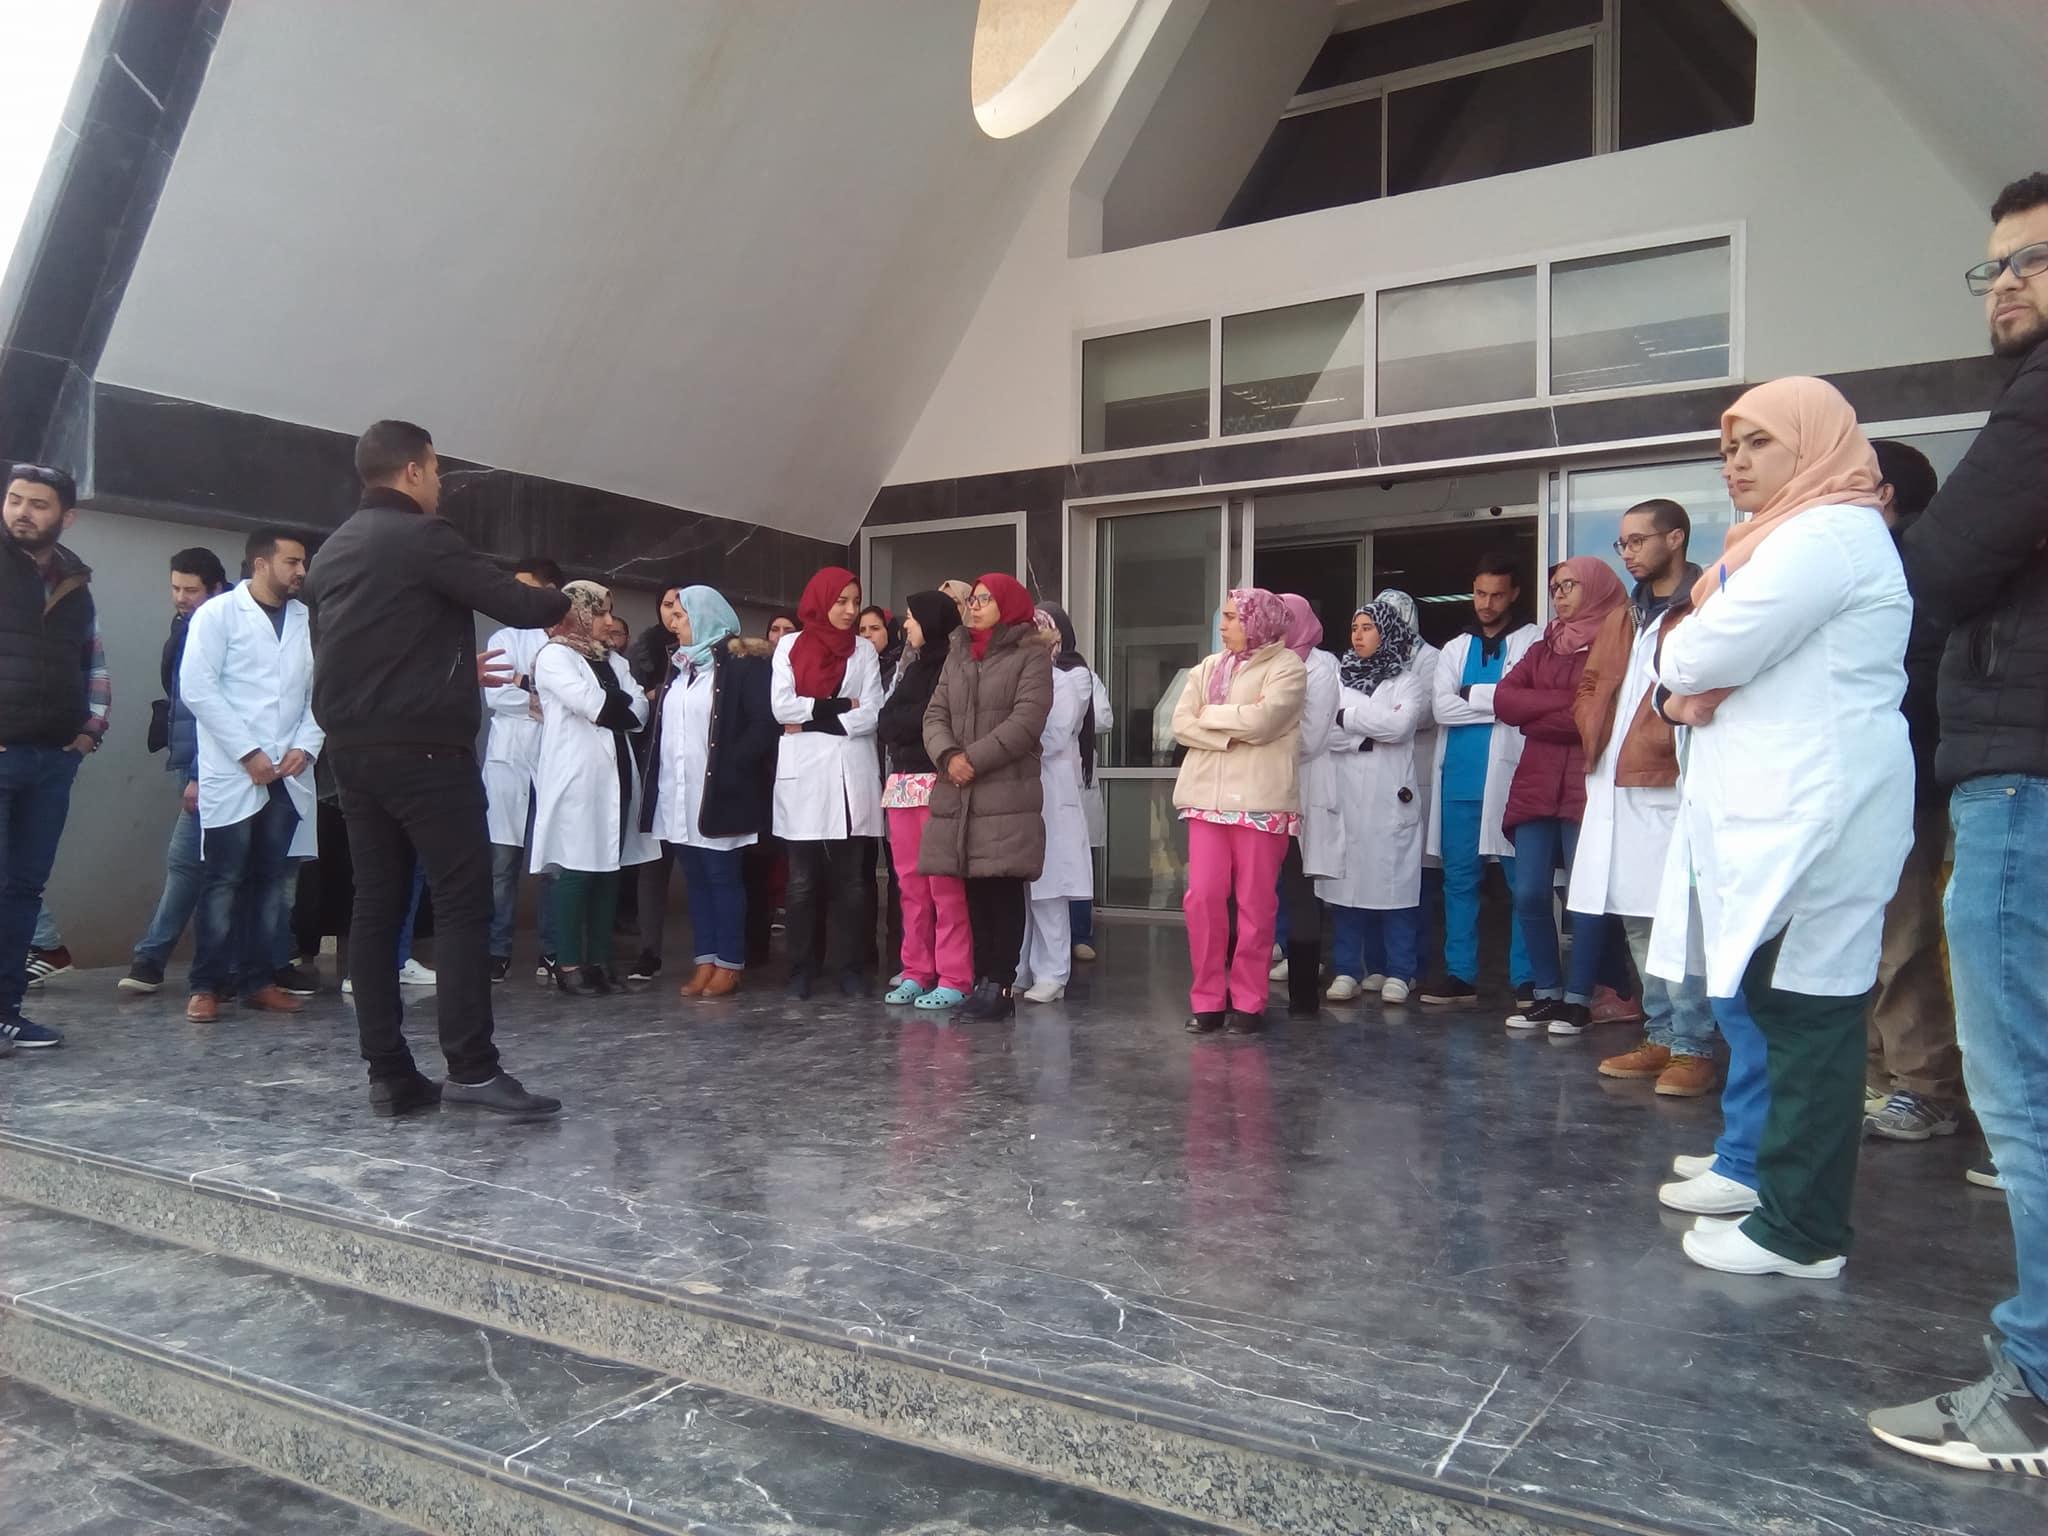 وقفة احتجاجة تقودها حركة الممرضين وتقتيي الصحة بالمغرب امام  المستشفى الإقليمي ميدلت